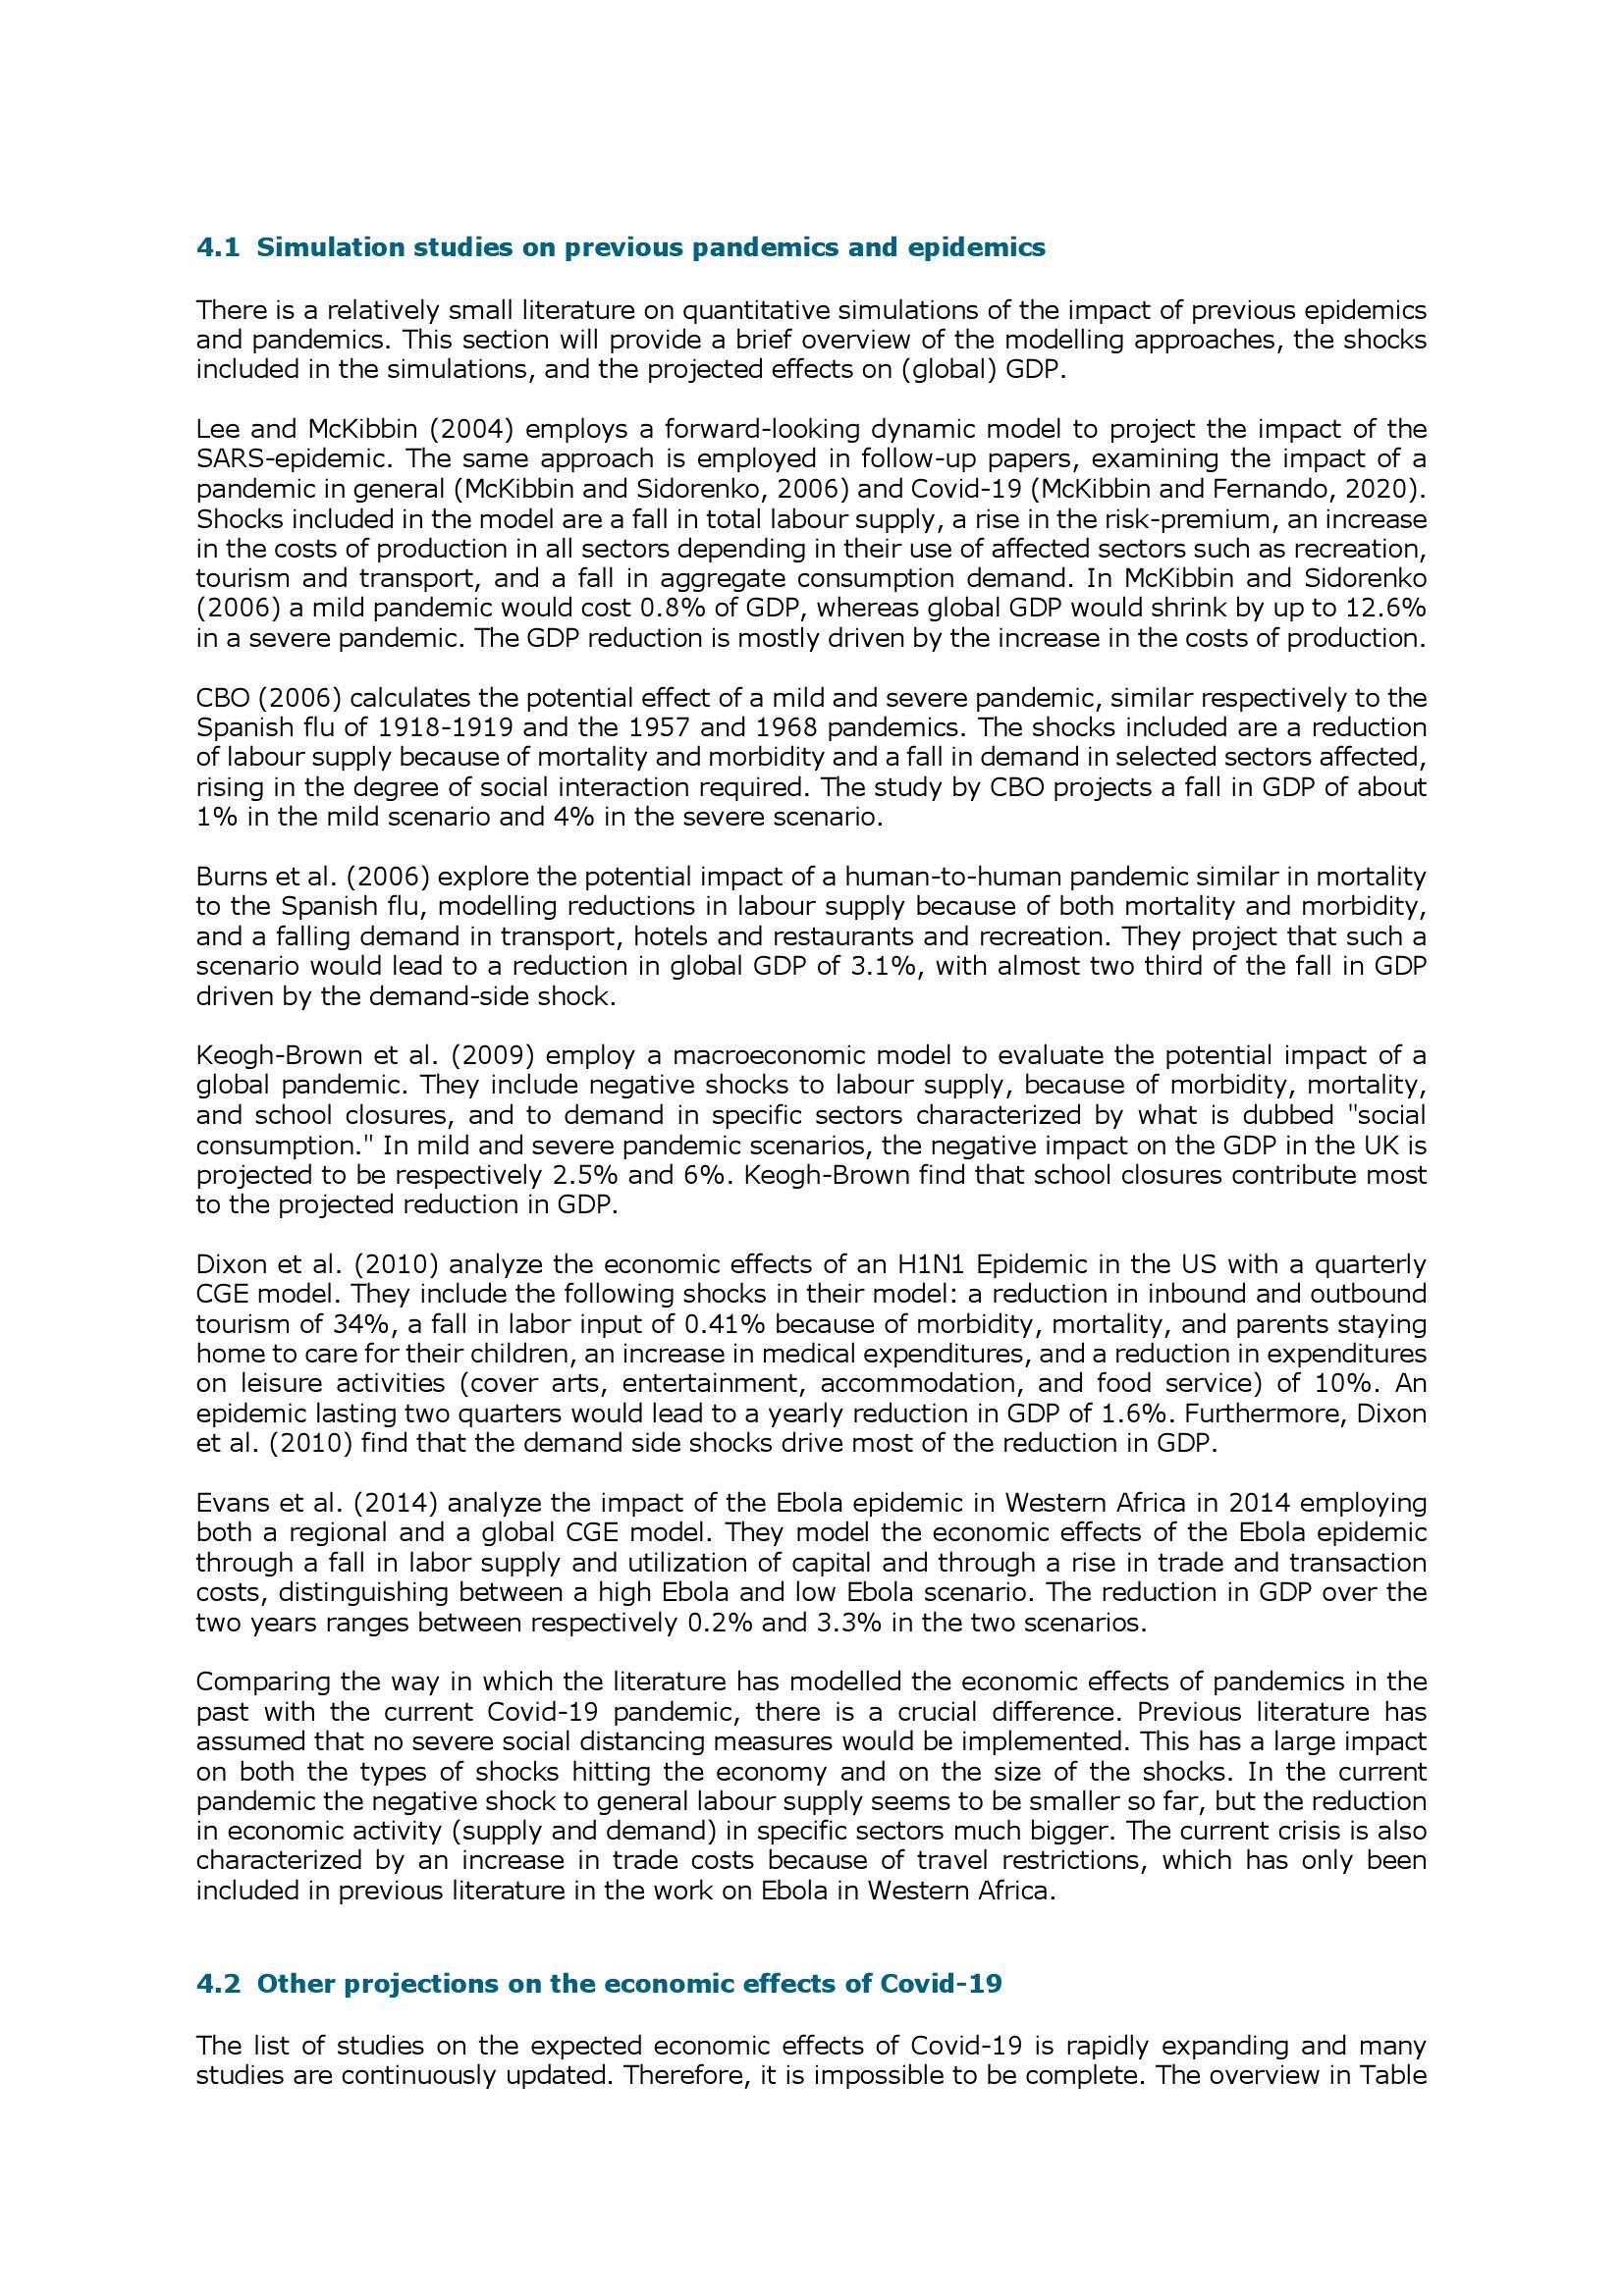 全球资讯_WTO:预测此次疫情将导致全球经济下降13%-32% | 互联网数据资讯网 ...